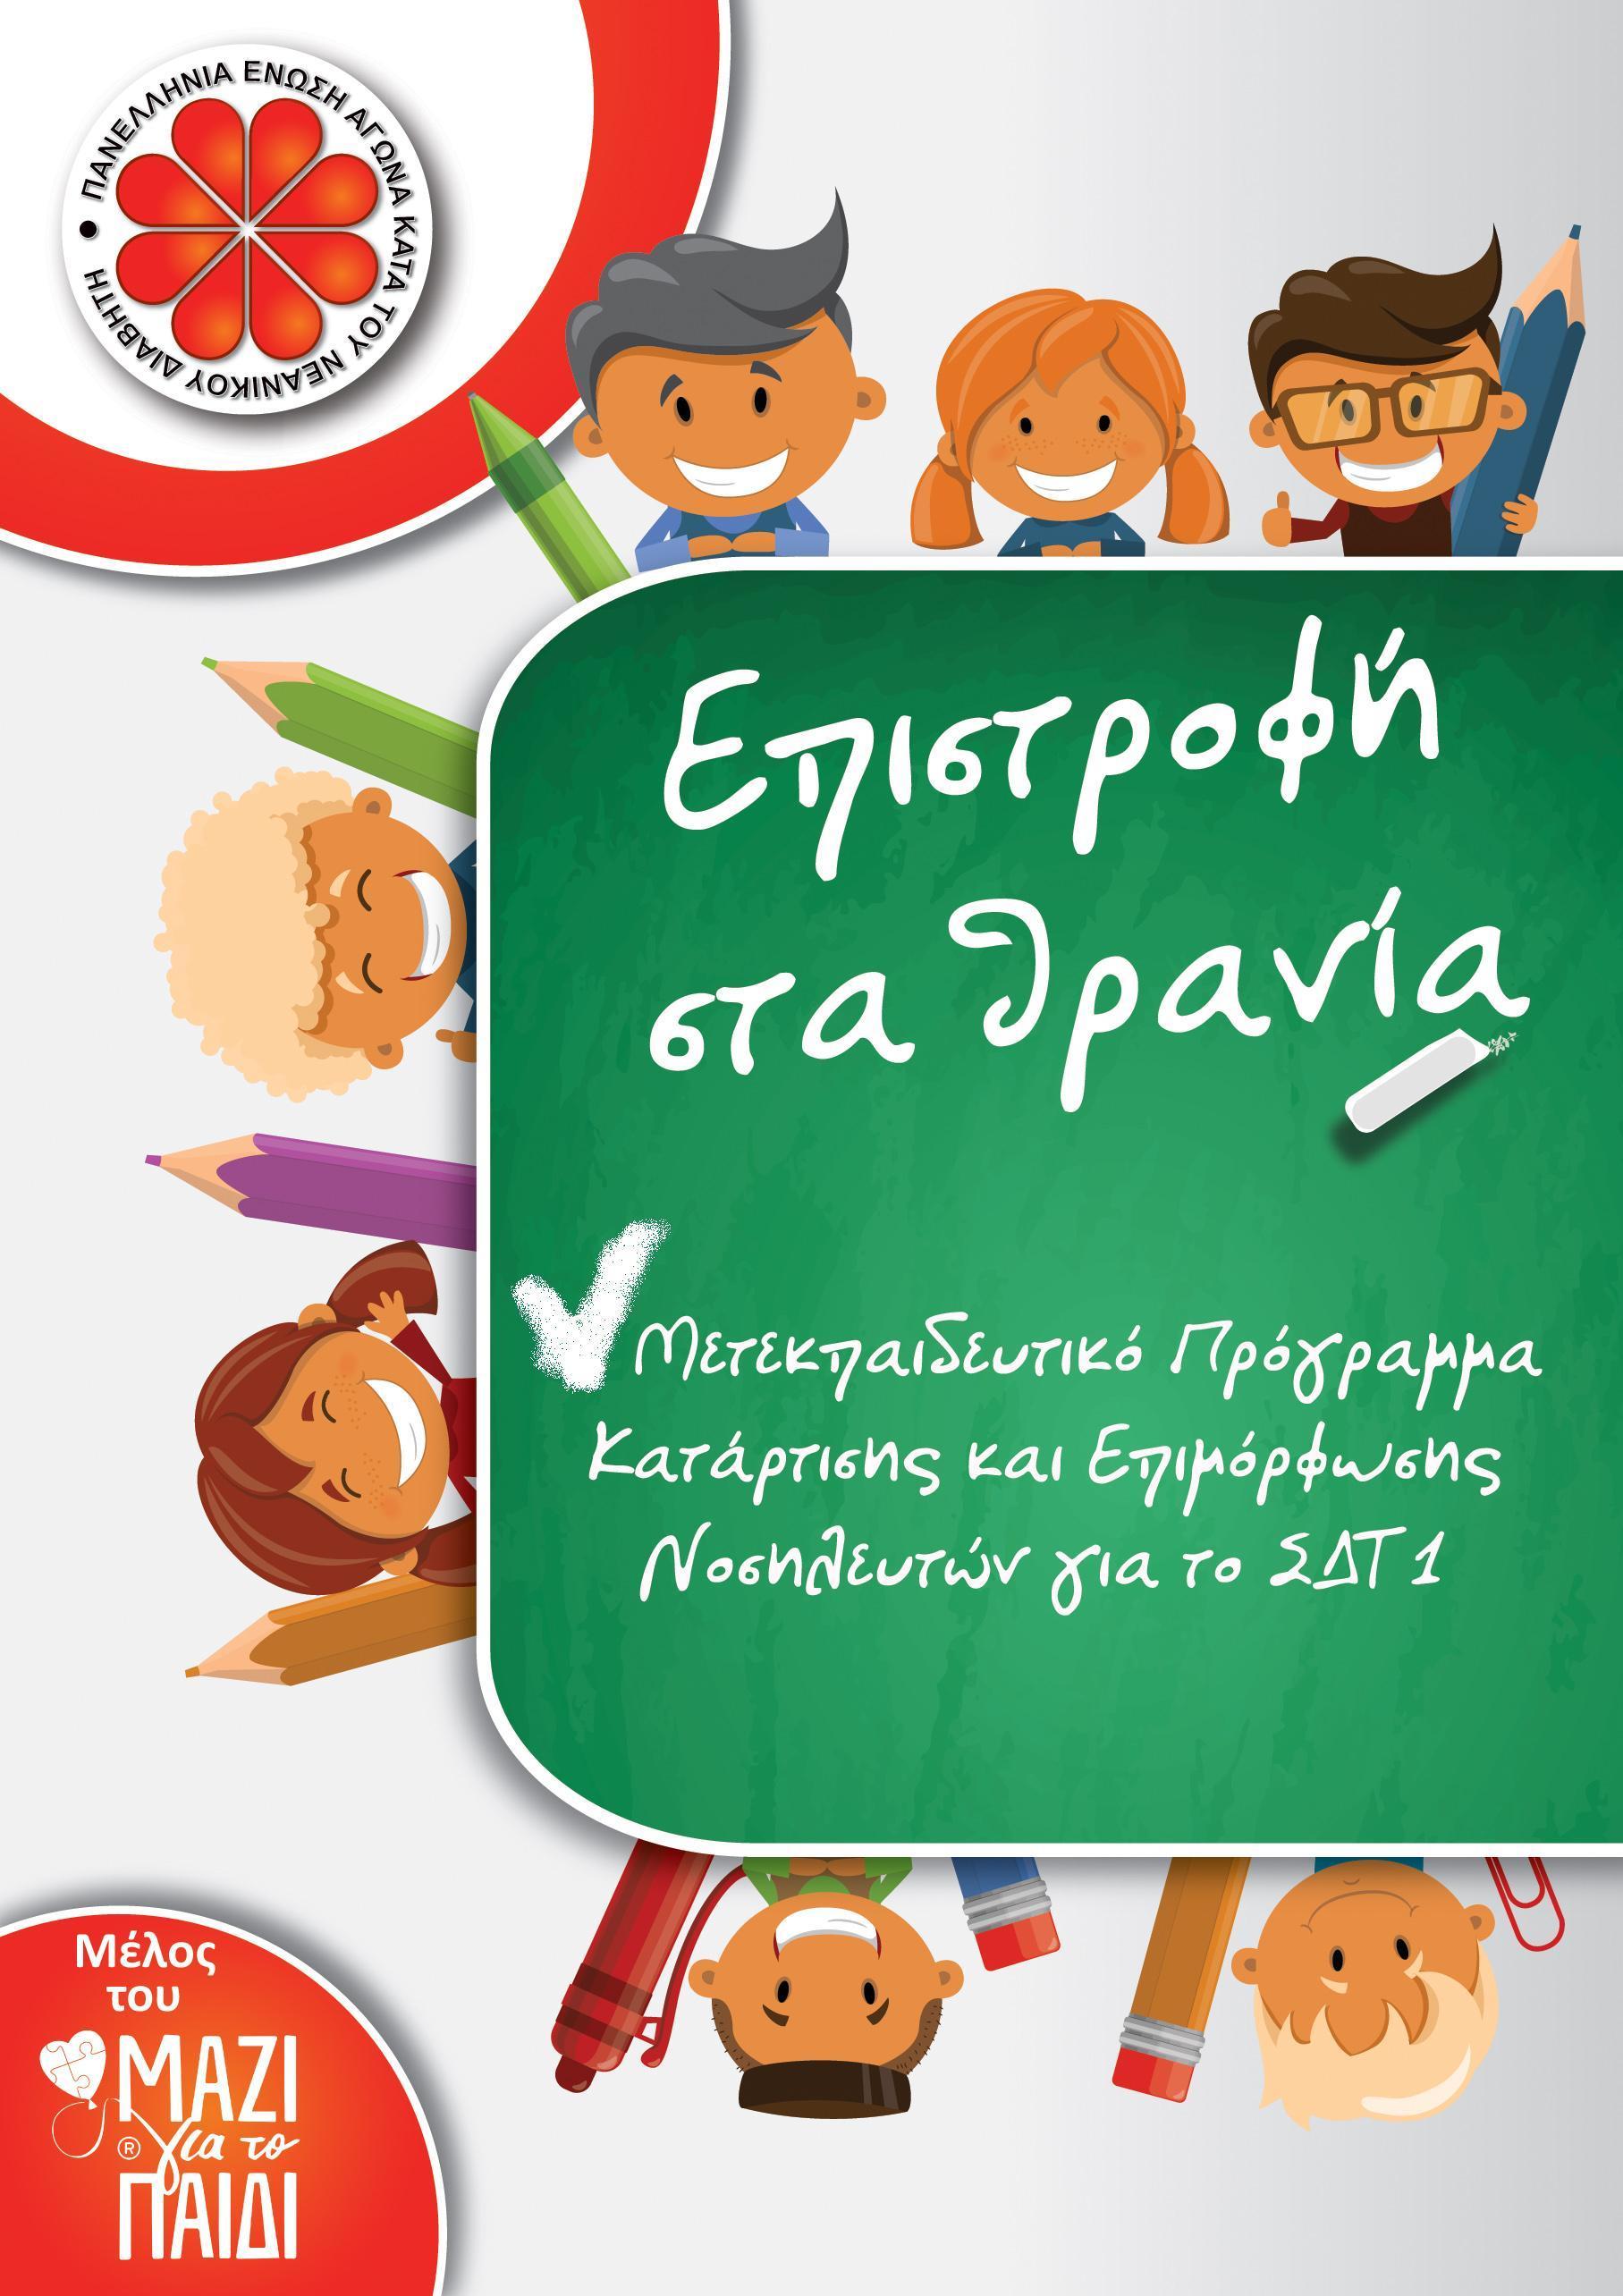 Μετεκπαιδευτικό Πρόγραμμα  Κατάρτισης και Επιμόρφωσης Νοσηλευτών για το ΣΔΤ1